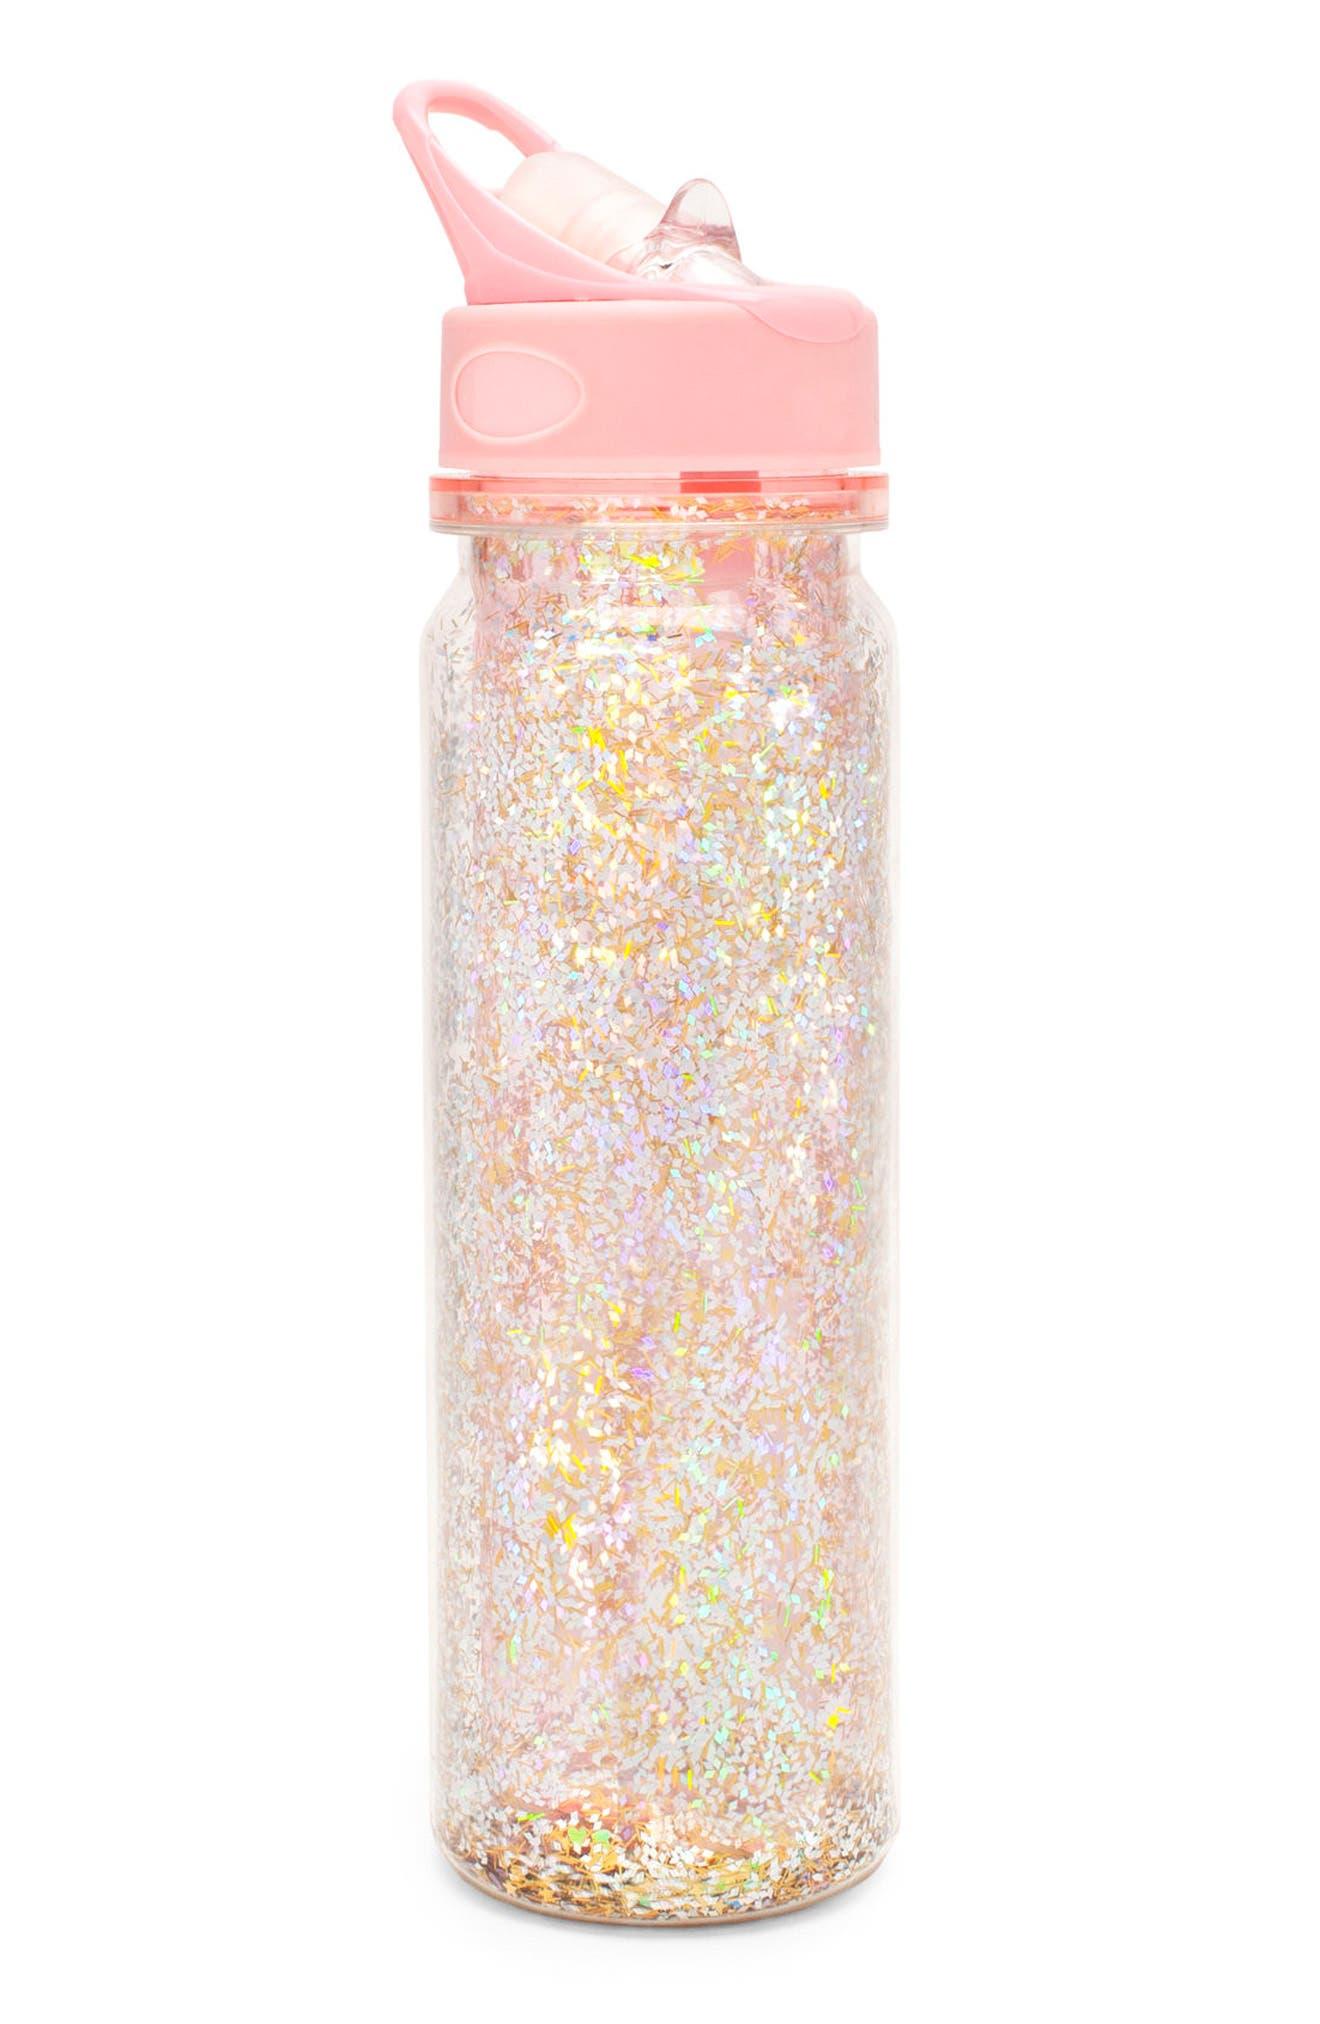 Glitter Bomb 16-Ounce Water Bottle,                             Alternate thumbnail 2, color,                             650